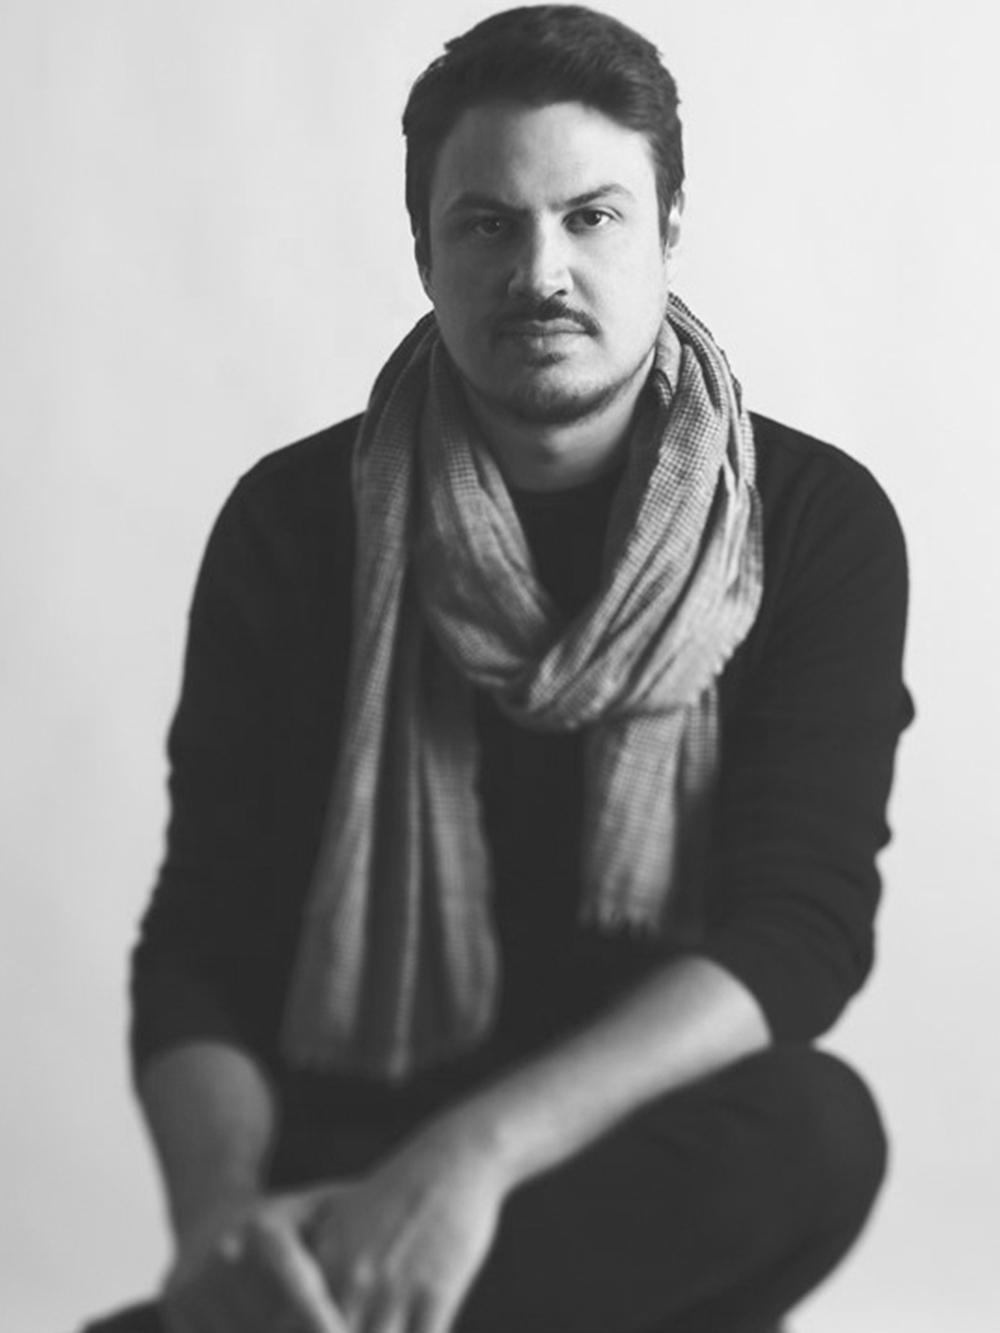 Joel Benichou